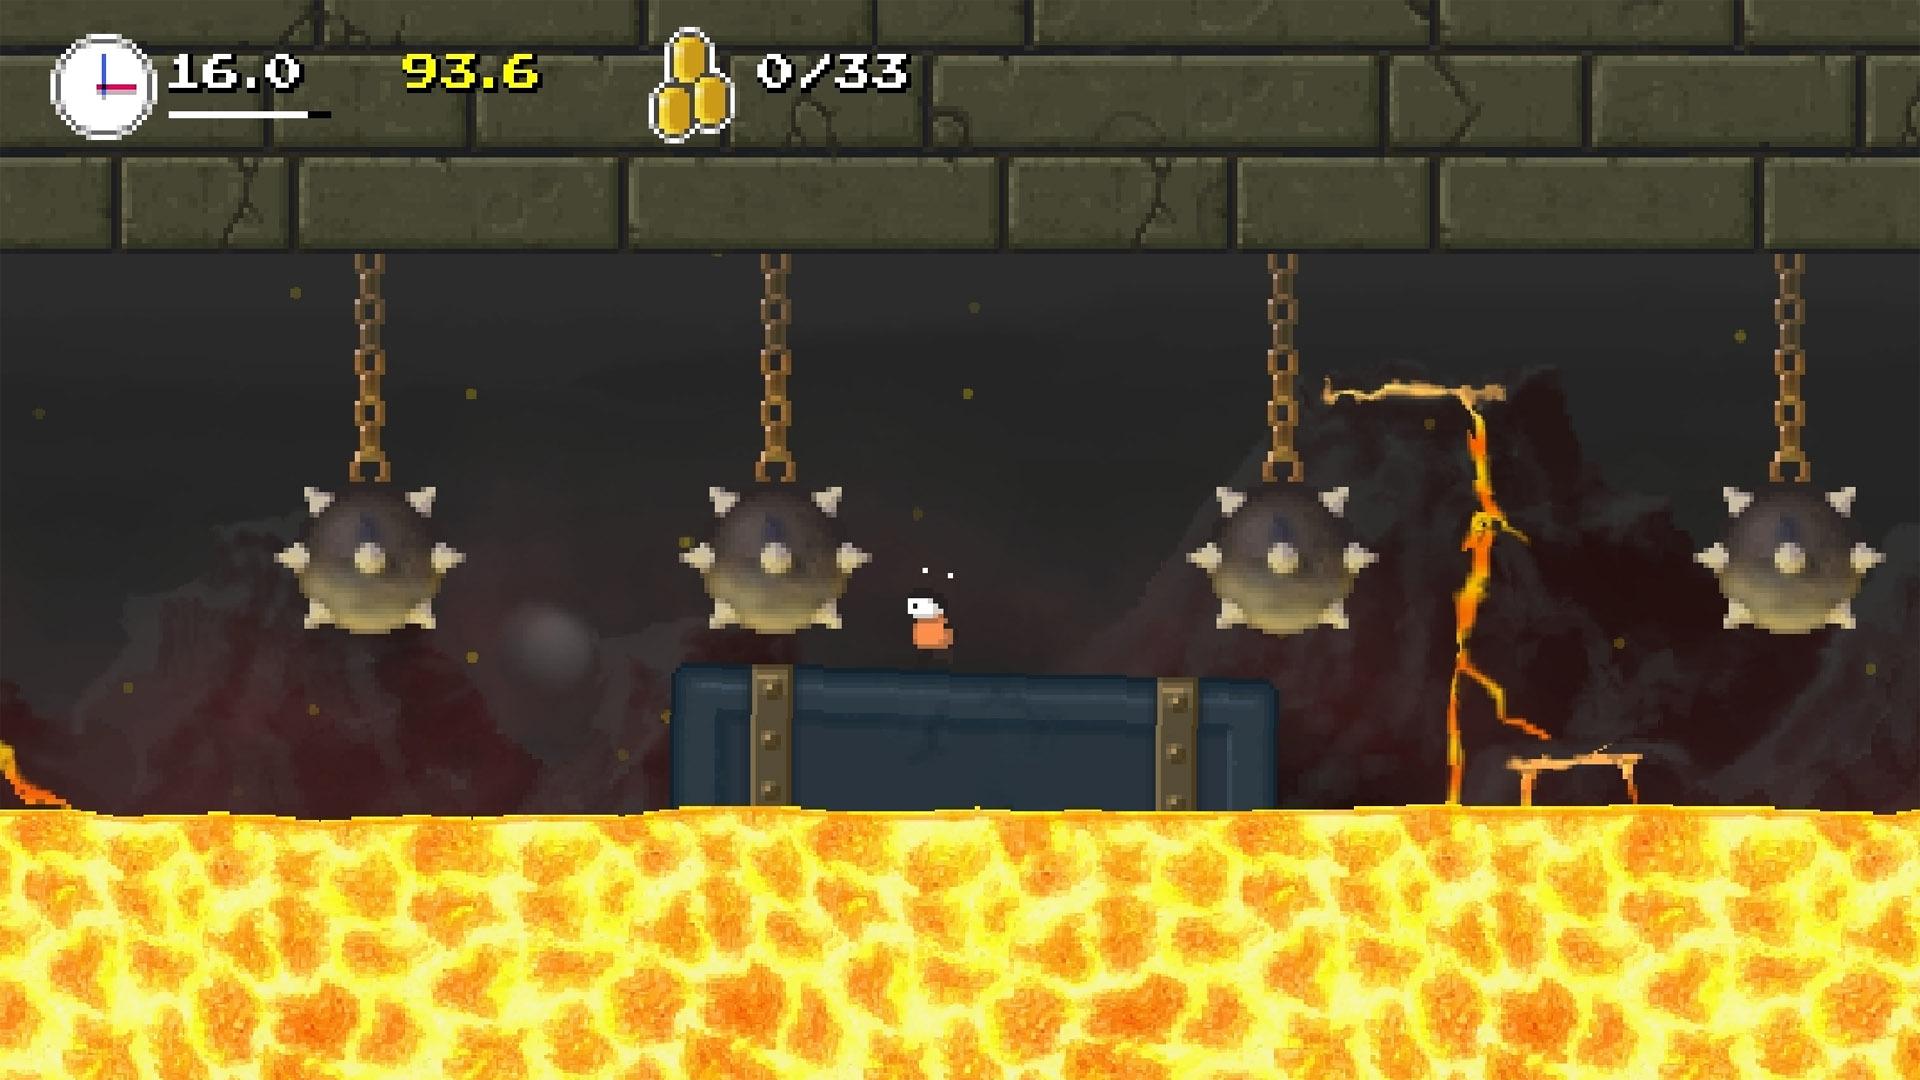 Mos Speedrun 2 screenshot 12